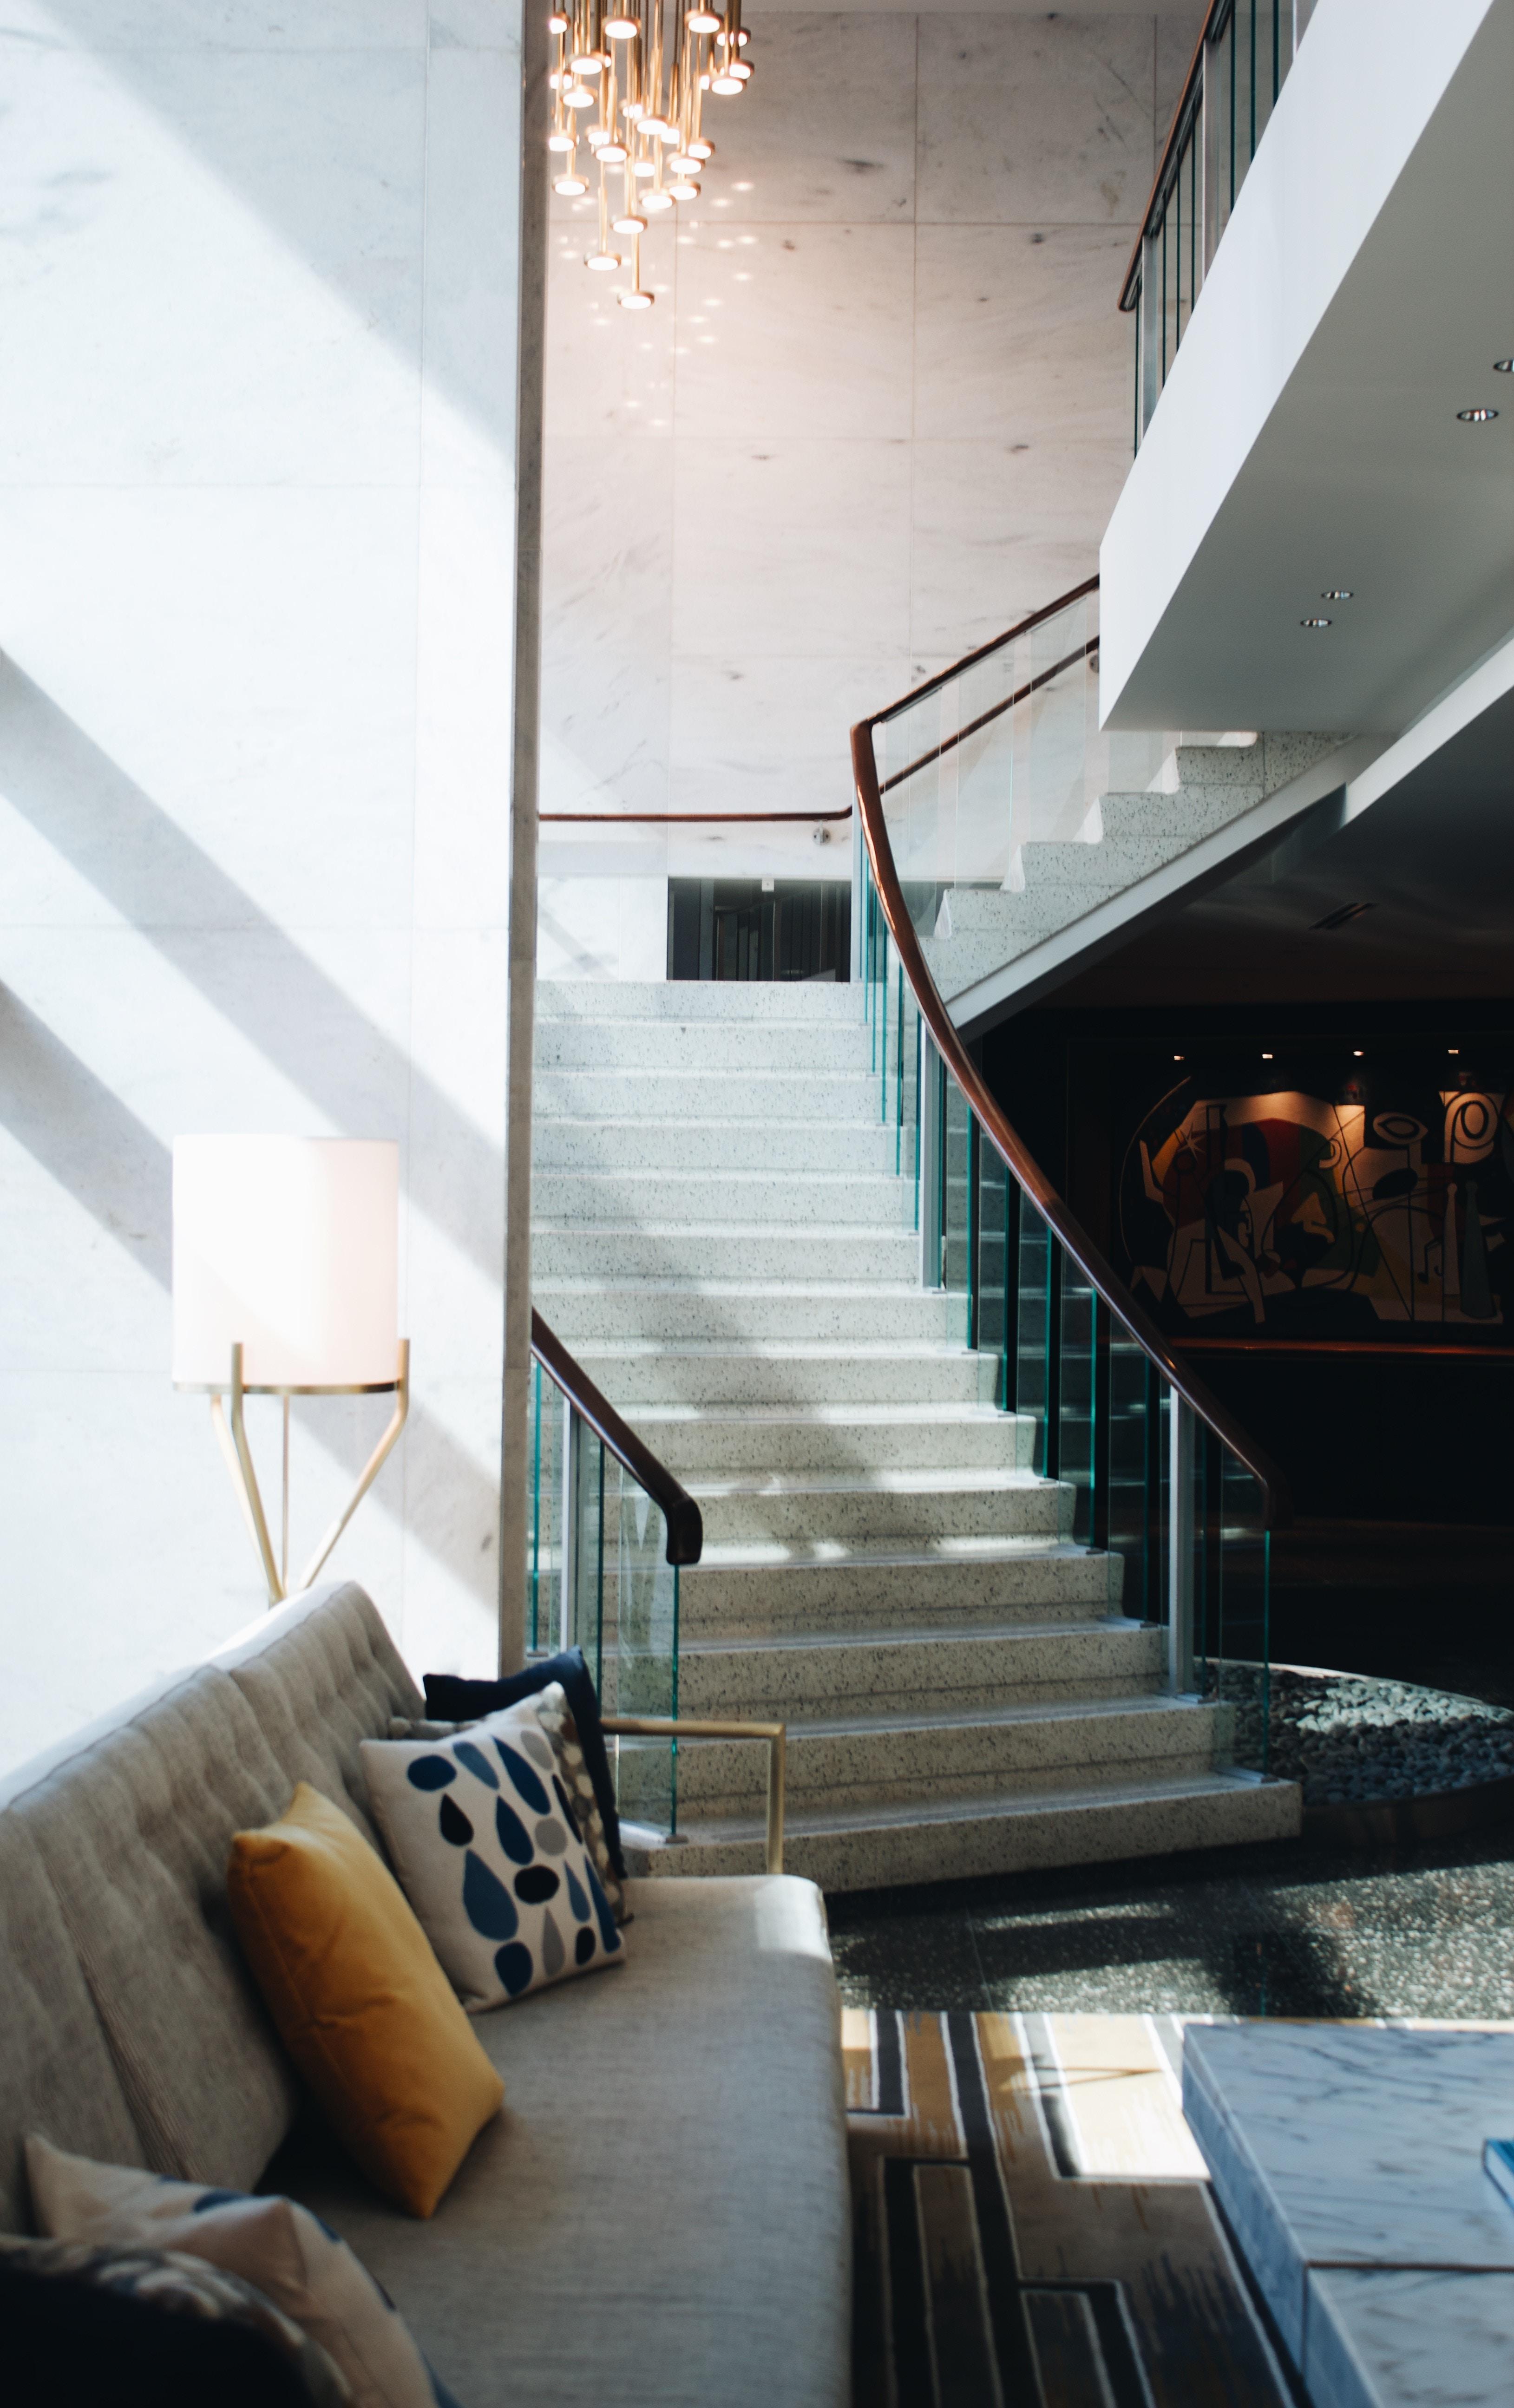 Oprawy oświetleniowe Polux na Ceneo sprawią, że Twoje wnętrze nabierze nowoczesnego i stylowego charakteru